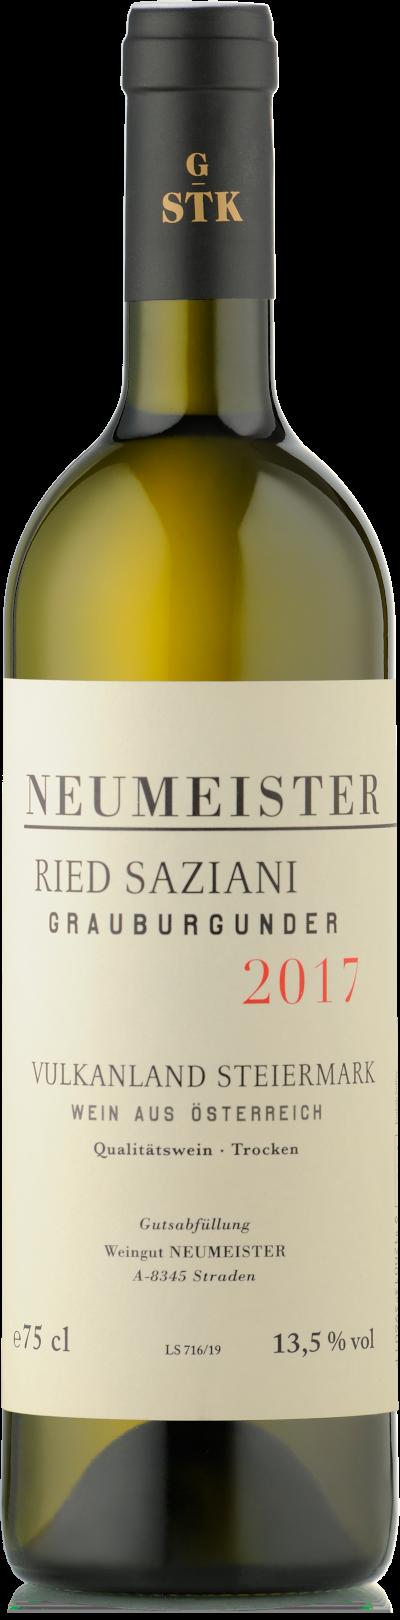 Neumeister - Grauburgunder Ried Saziani bio